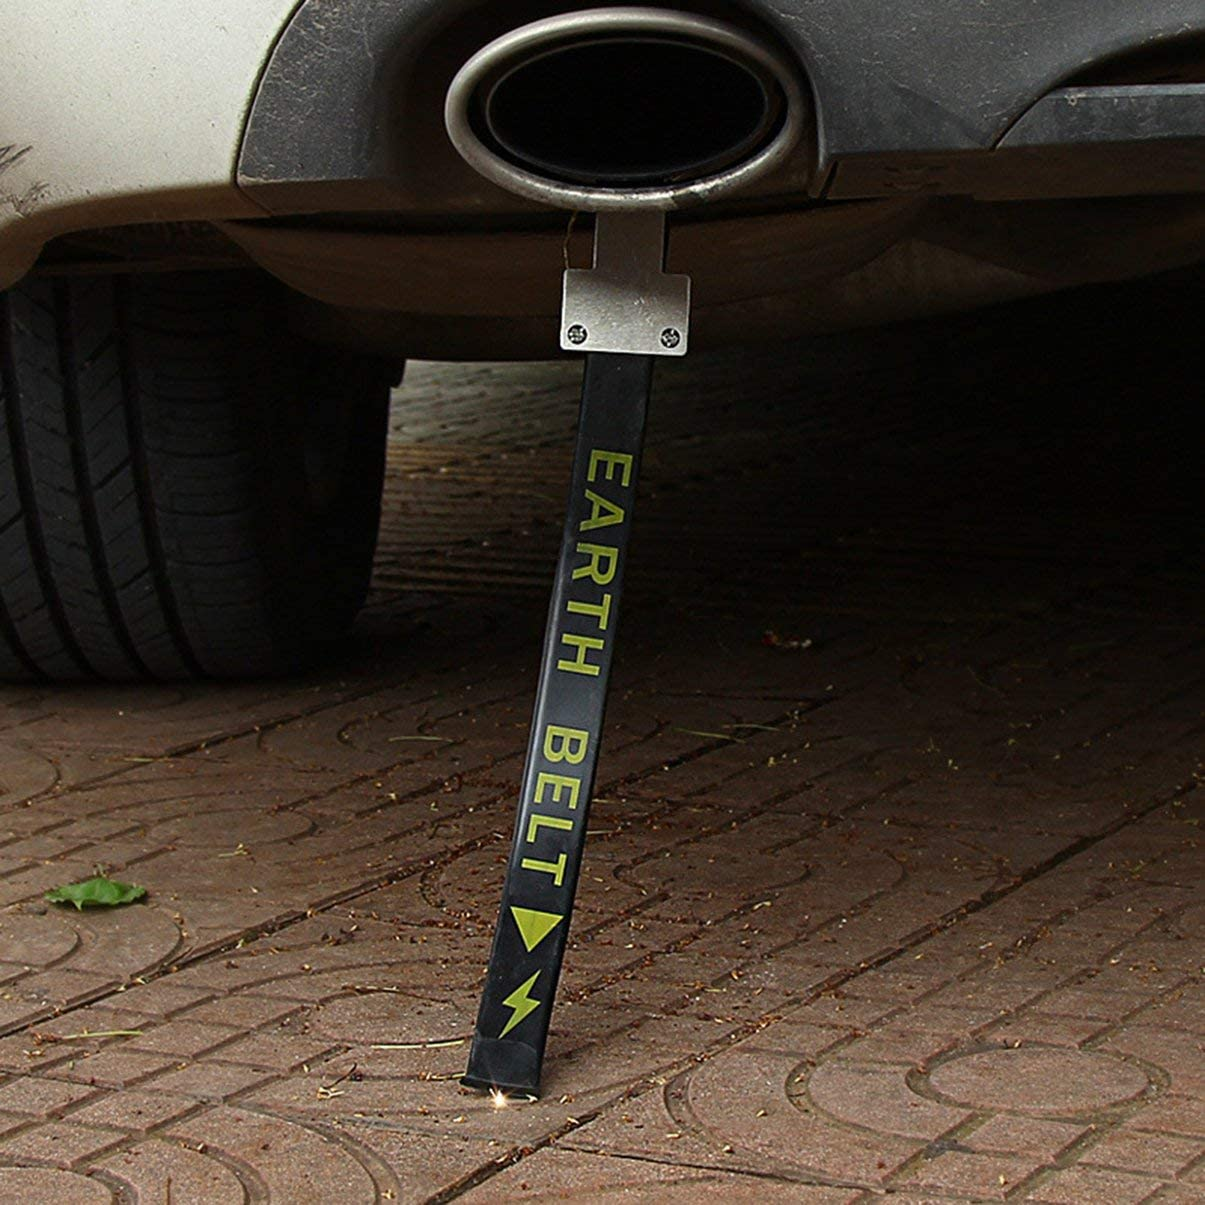 Auto Antistatikband Elektrostatische Erde Gurt Canceller Reflektierende Vermeiden Sie Antistatikerdrahtband f/ür Autos Lkw